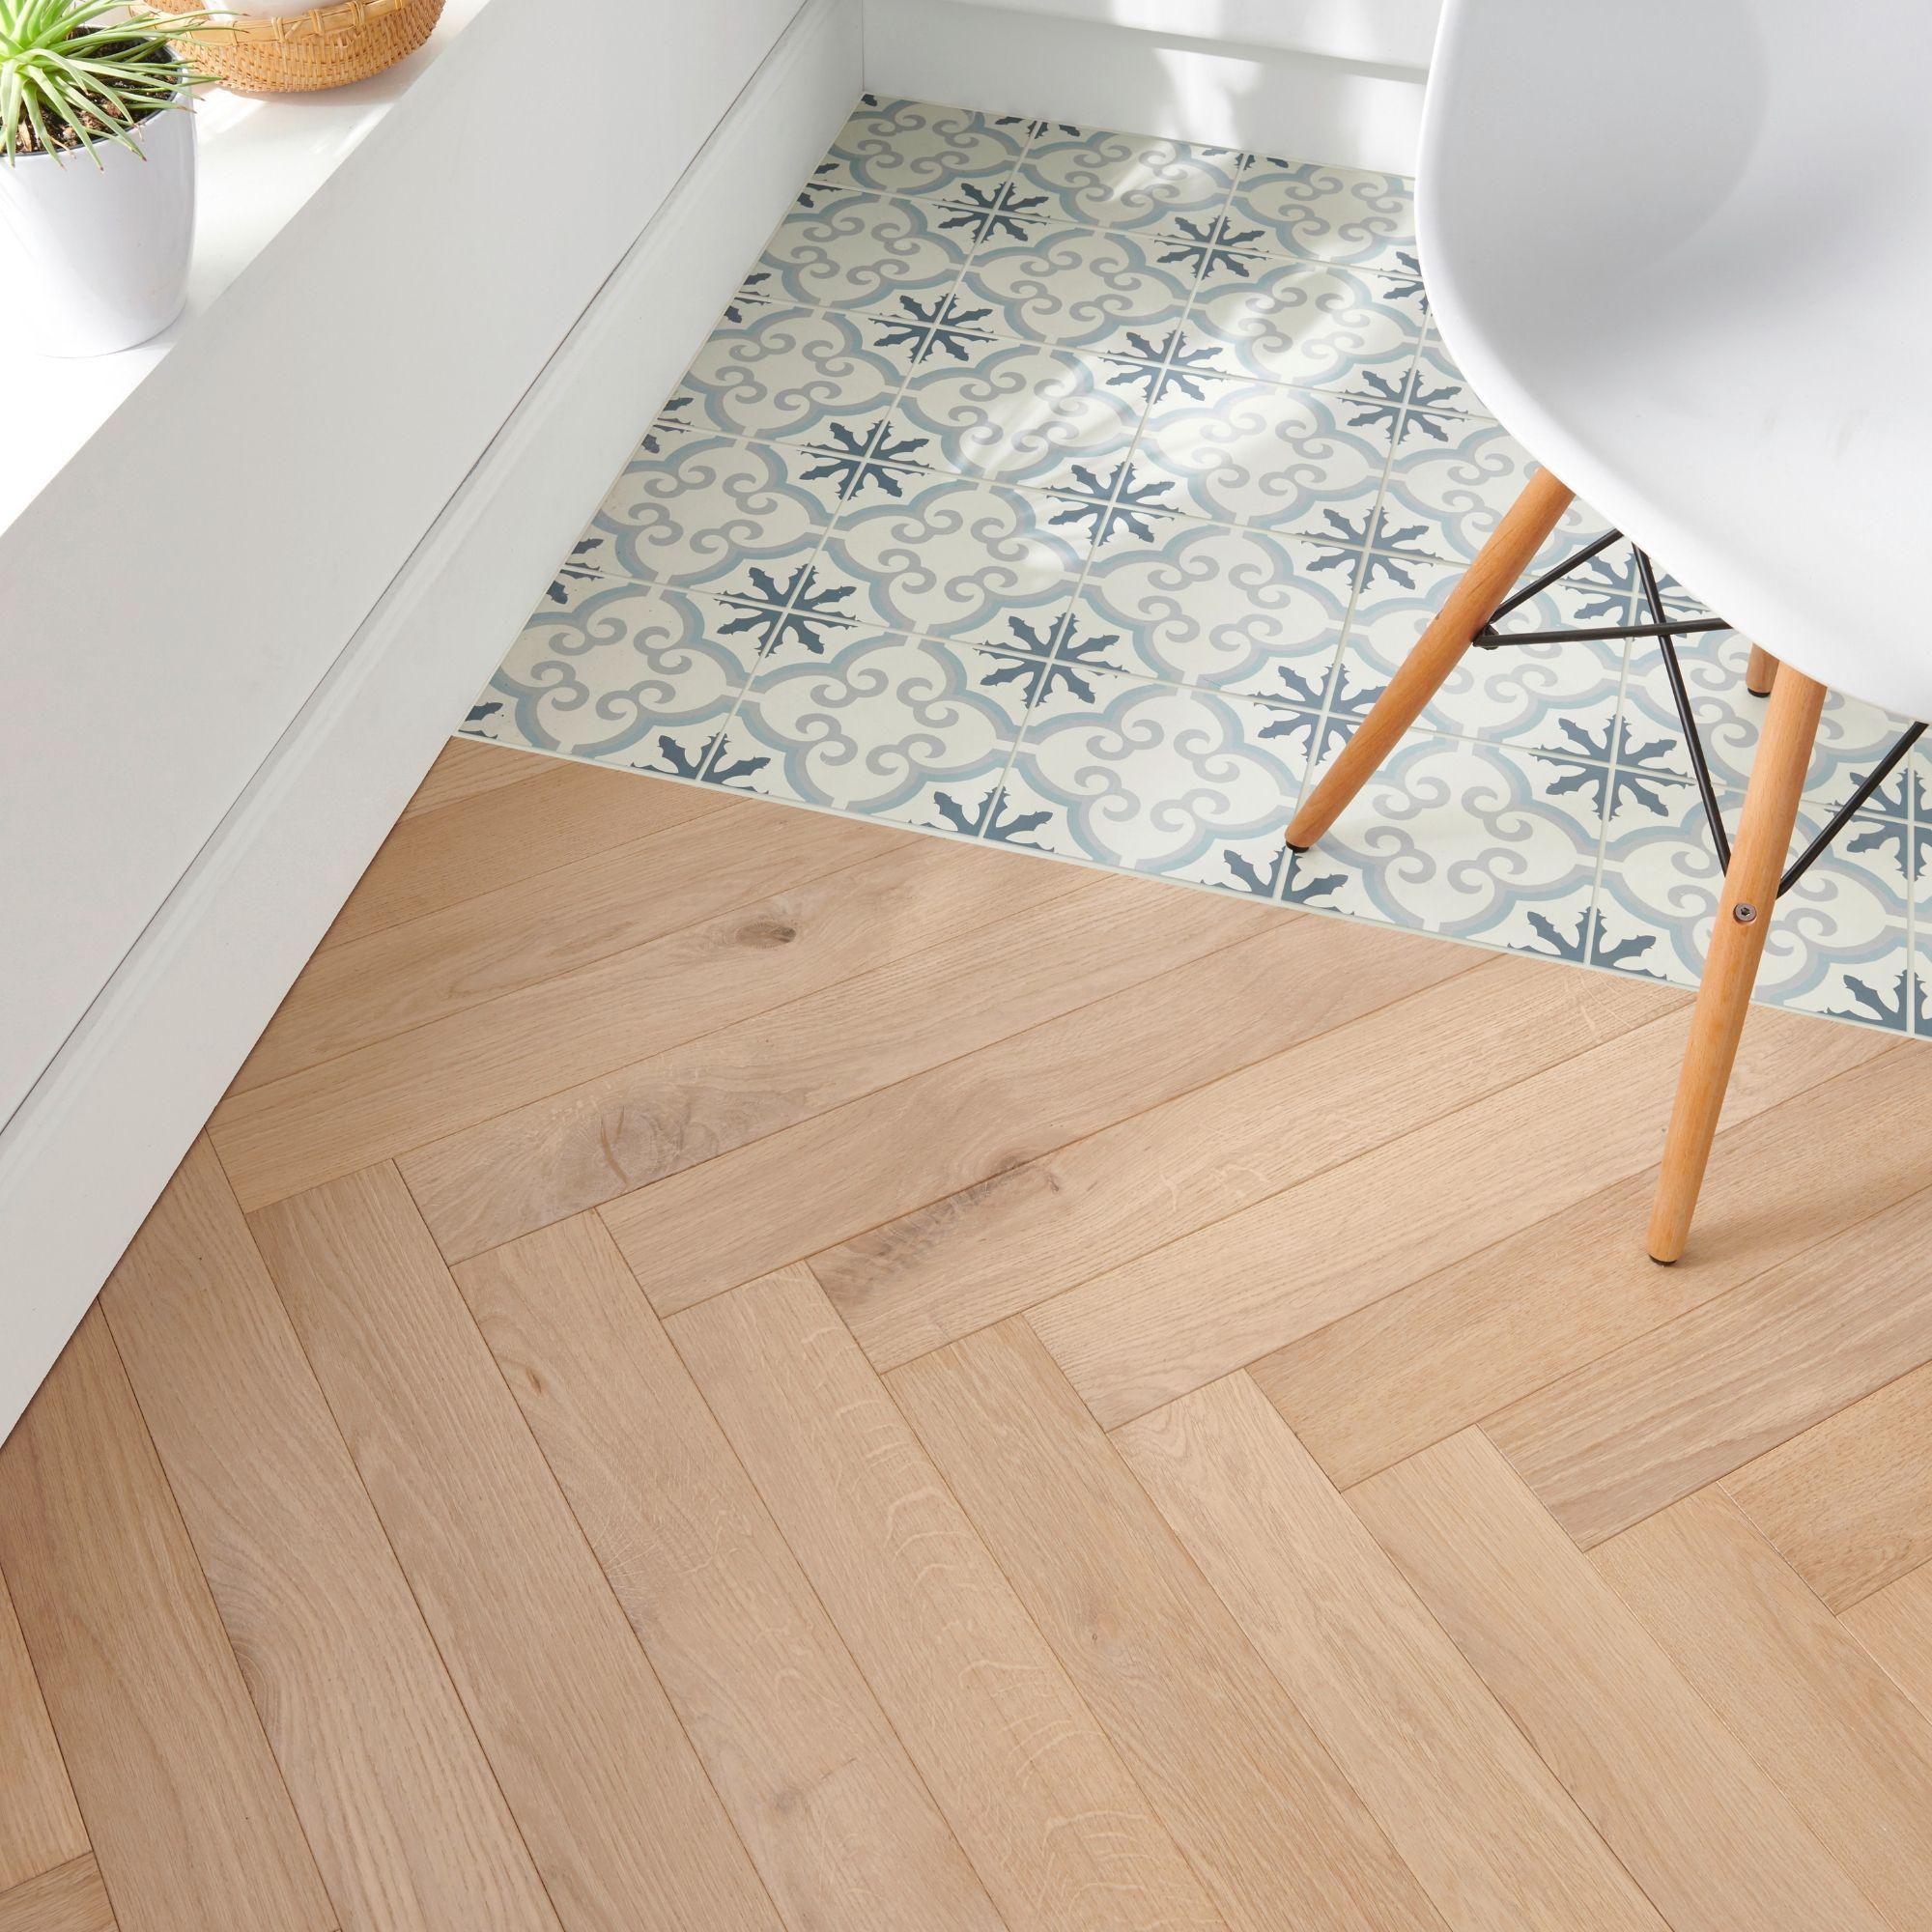 Goodhome Eslov Natural Oak Real Wood Top Layer Flooring 1 94m Pack Carreaux De Sol Parquet Contrecolle Parquet Baton Rompu Chene